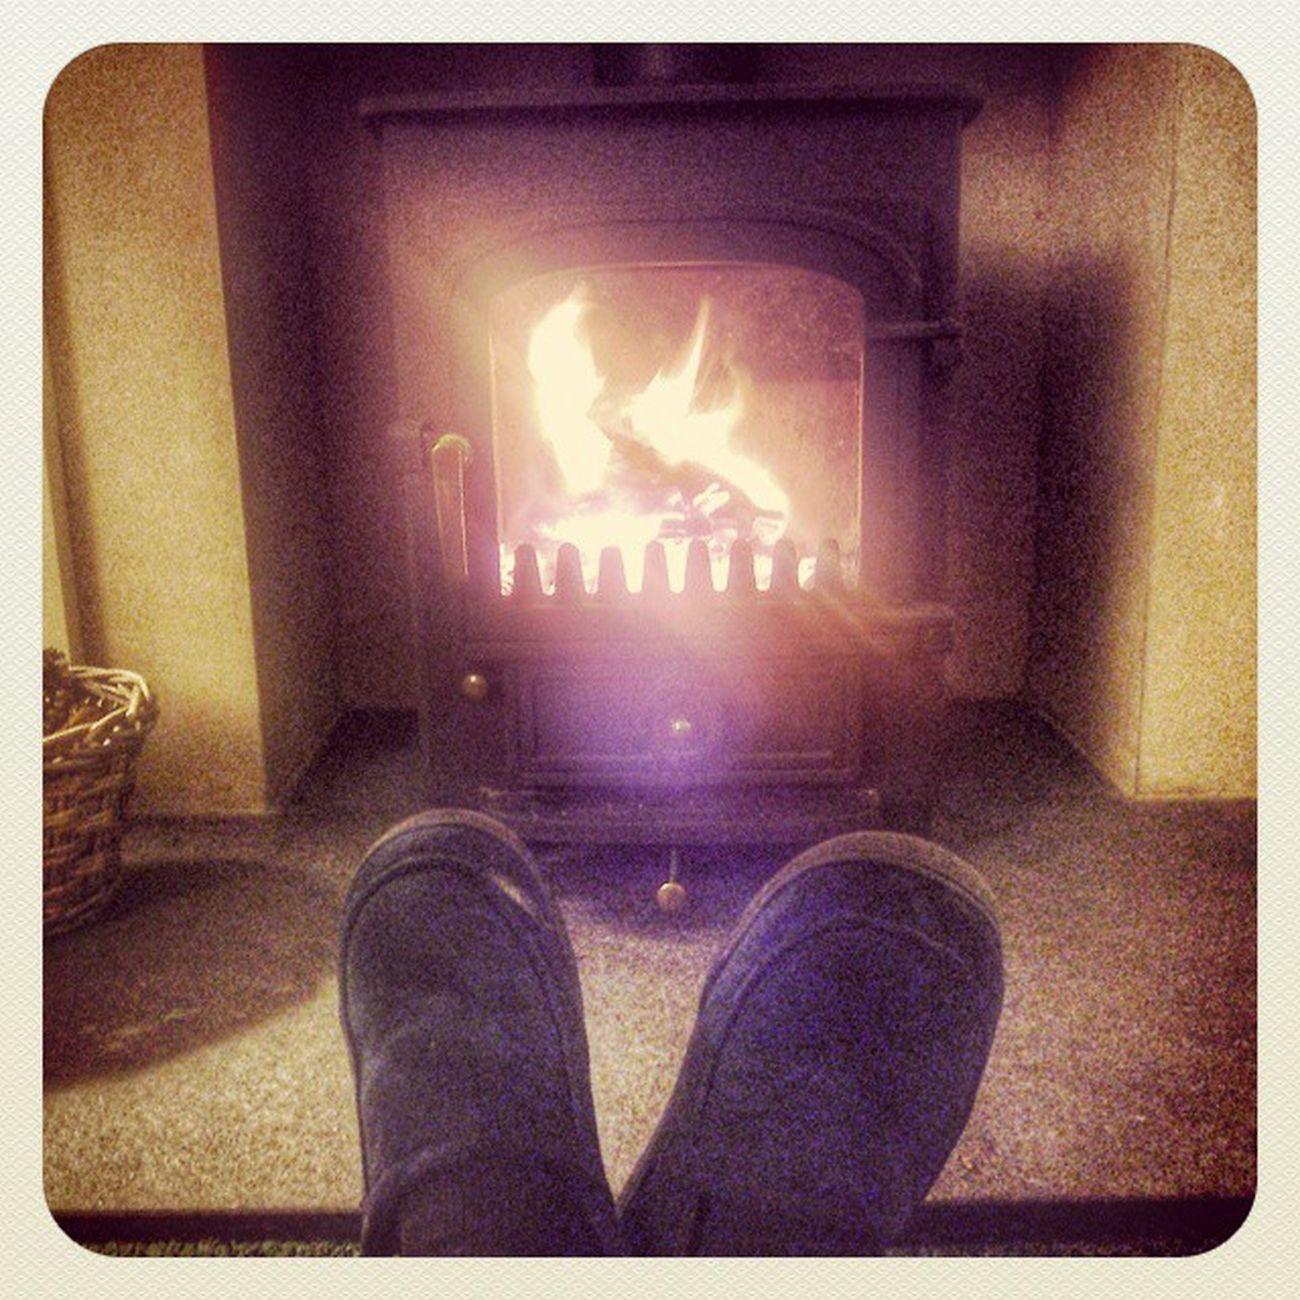 Roasty toasty feet in kincraig Kincraig Highlands Scotland